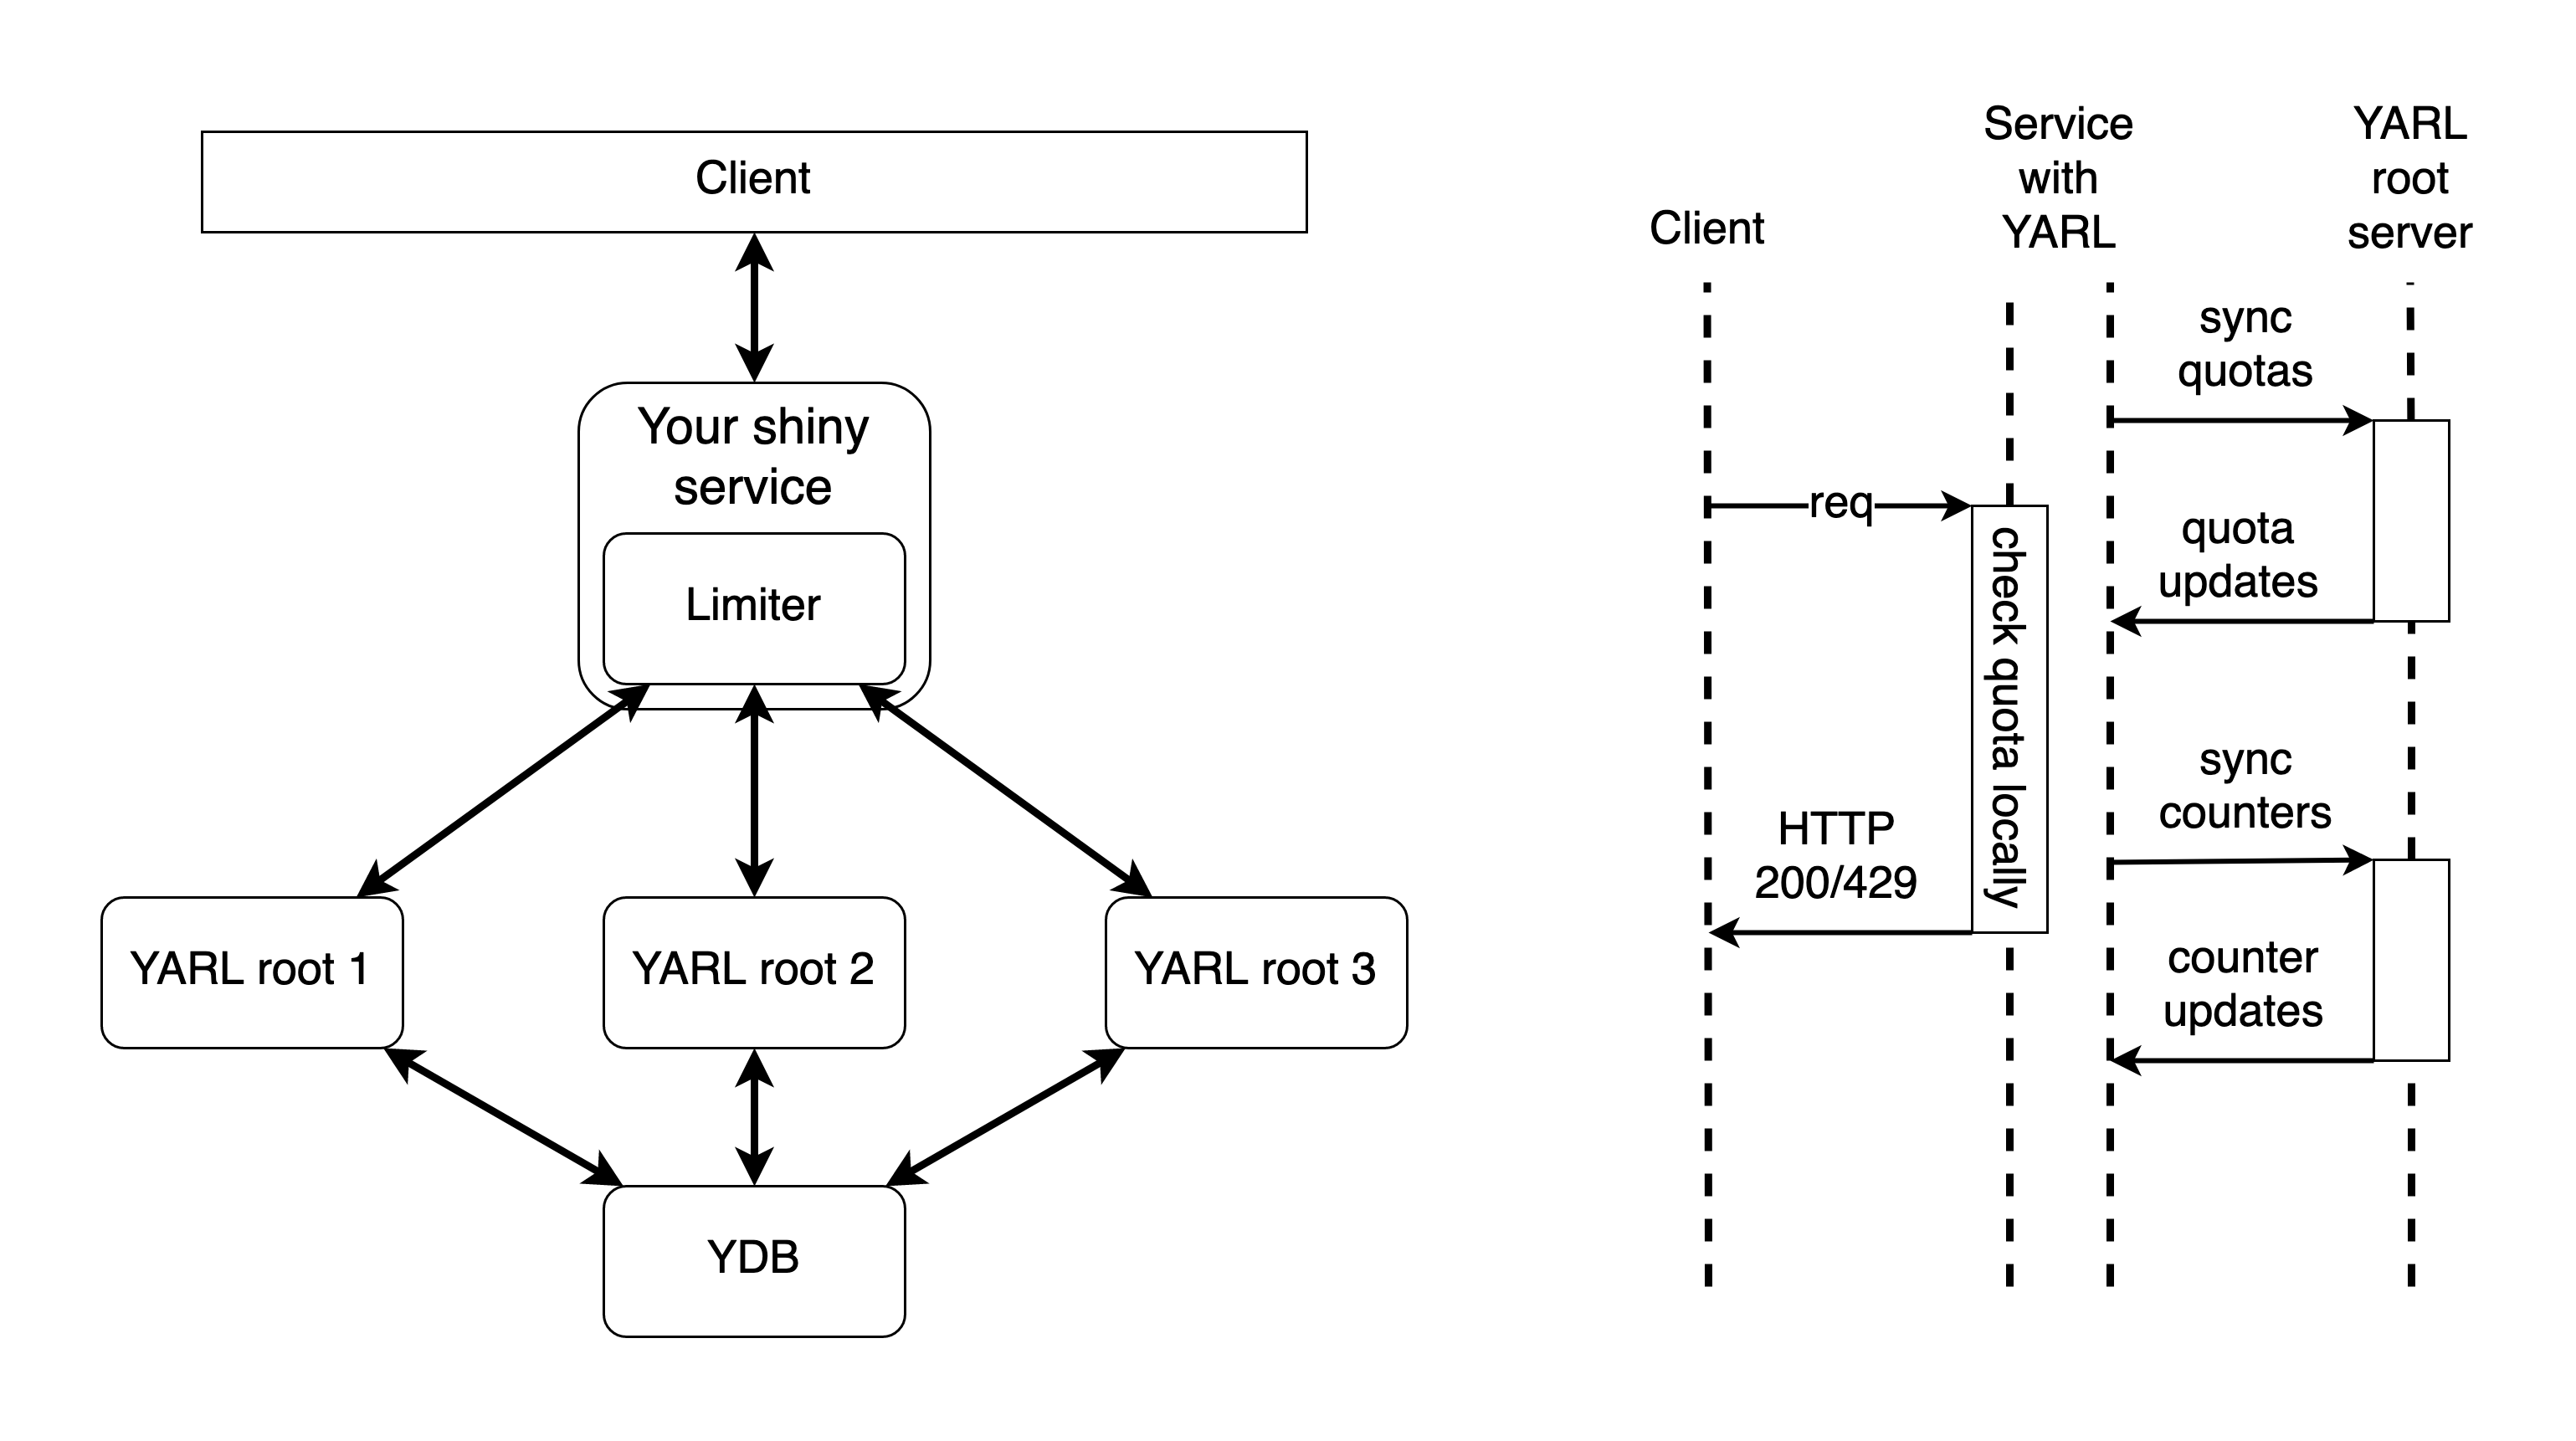 YARL: как Яндекс построил распределённый Rate Limiter с нулевым влиянием на время ответа сервисов - 6